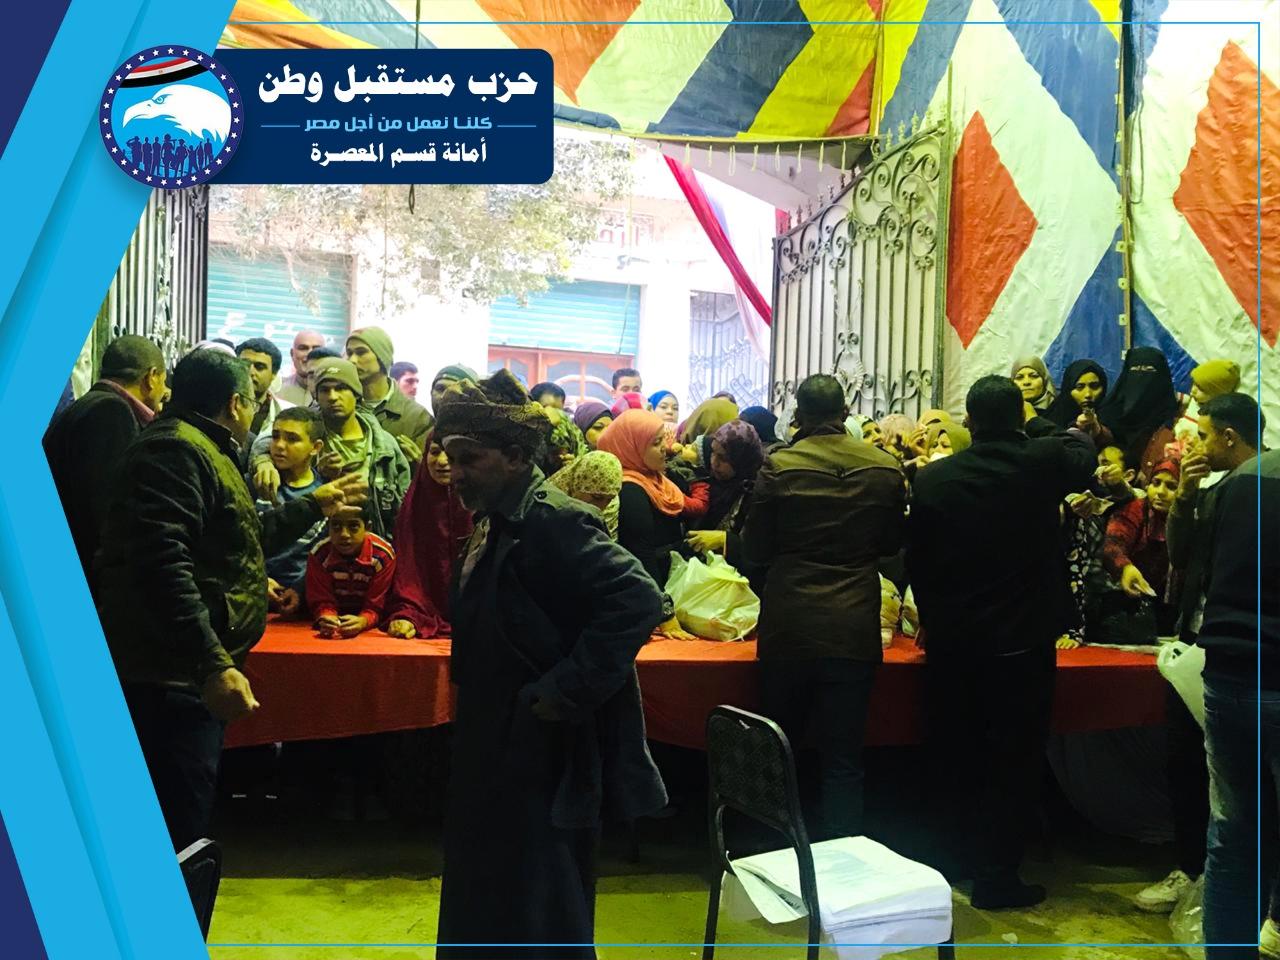 افتتاح منفذين فى السلام والمعصرة (1)